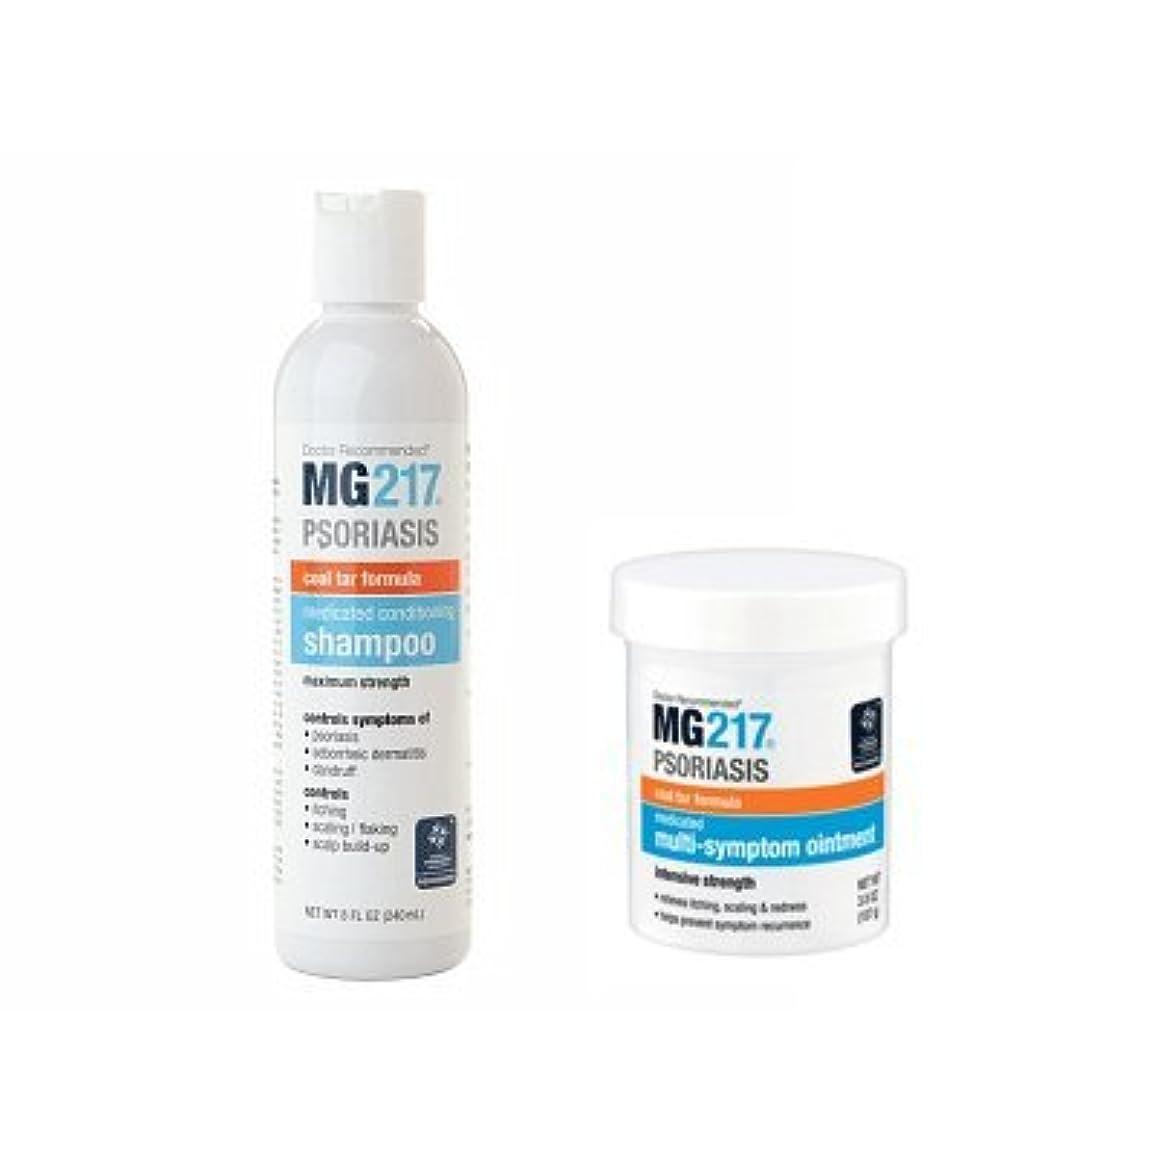 不満入り口裸MG217 シャンプー&軟膏セット 240ml/107ml Psoriasis Medicated Conditioning Shampoo,Ointment set 海外直送品